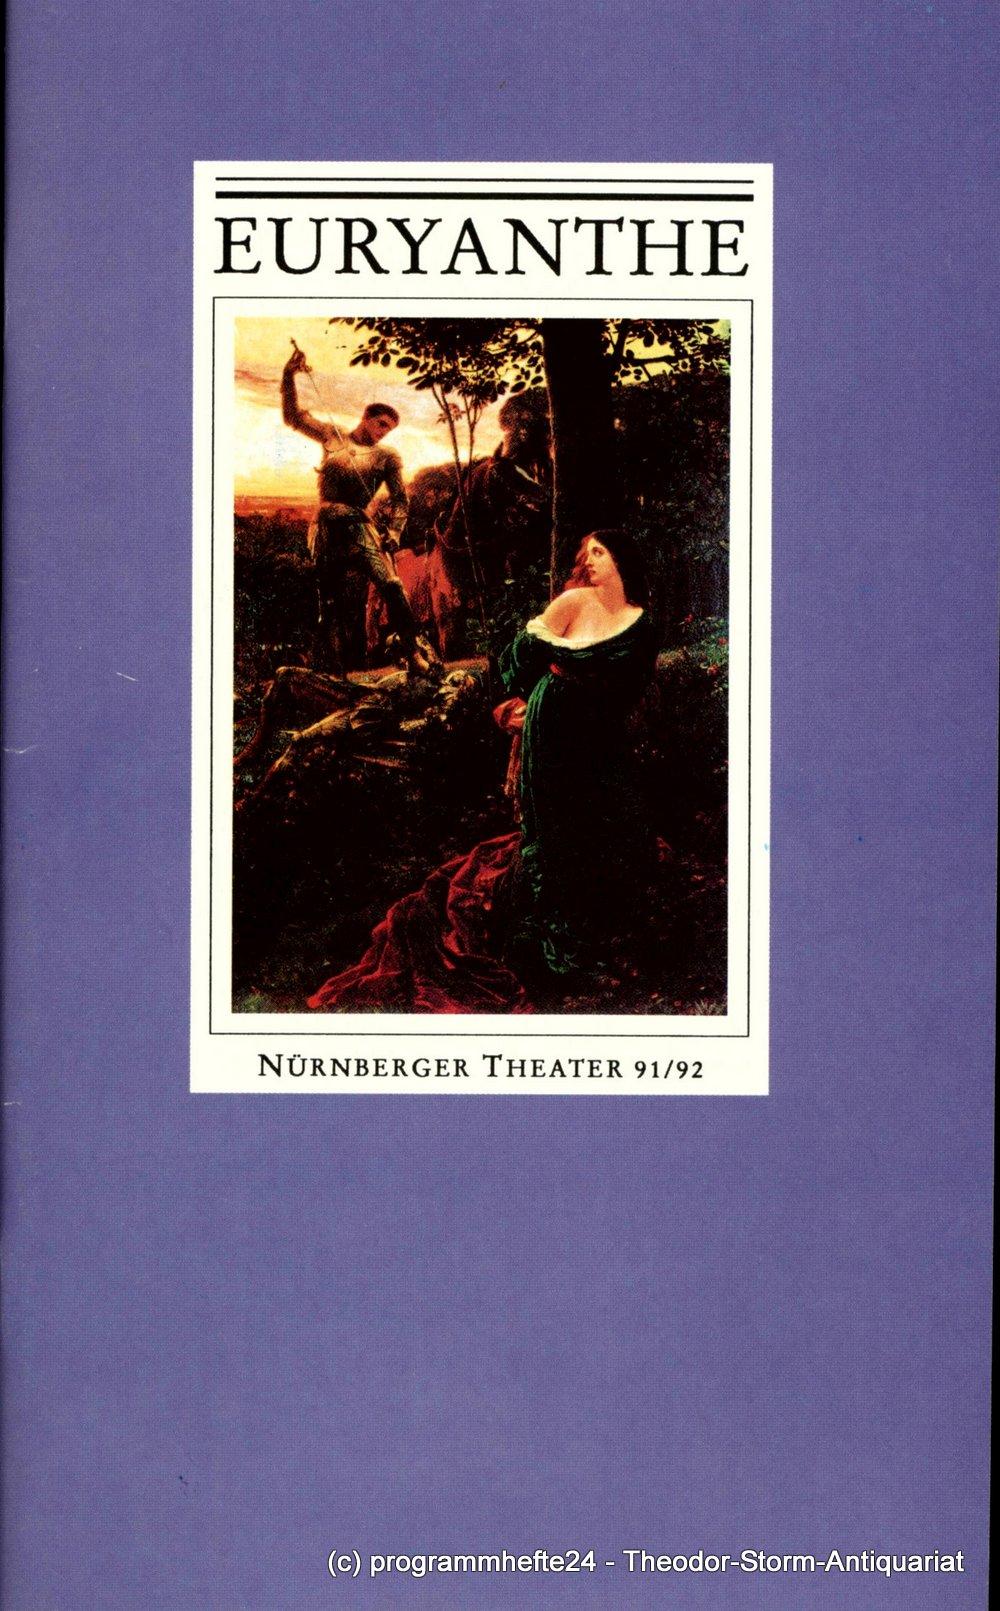 Programmheft zur Premiere EURYANTHE. Oper Nürnberg 1991